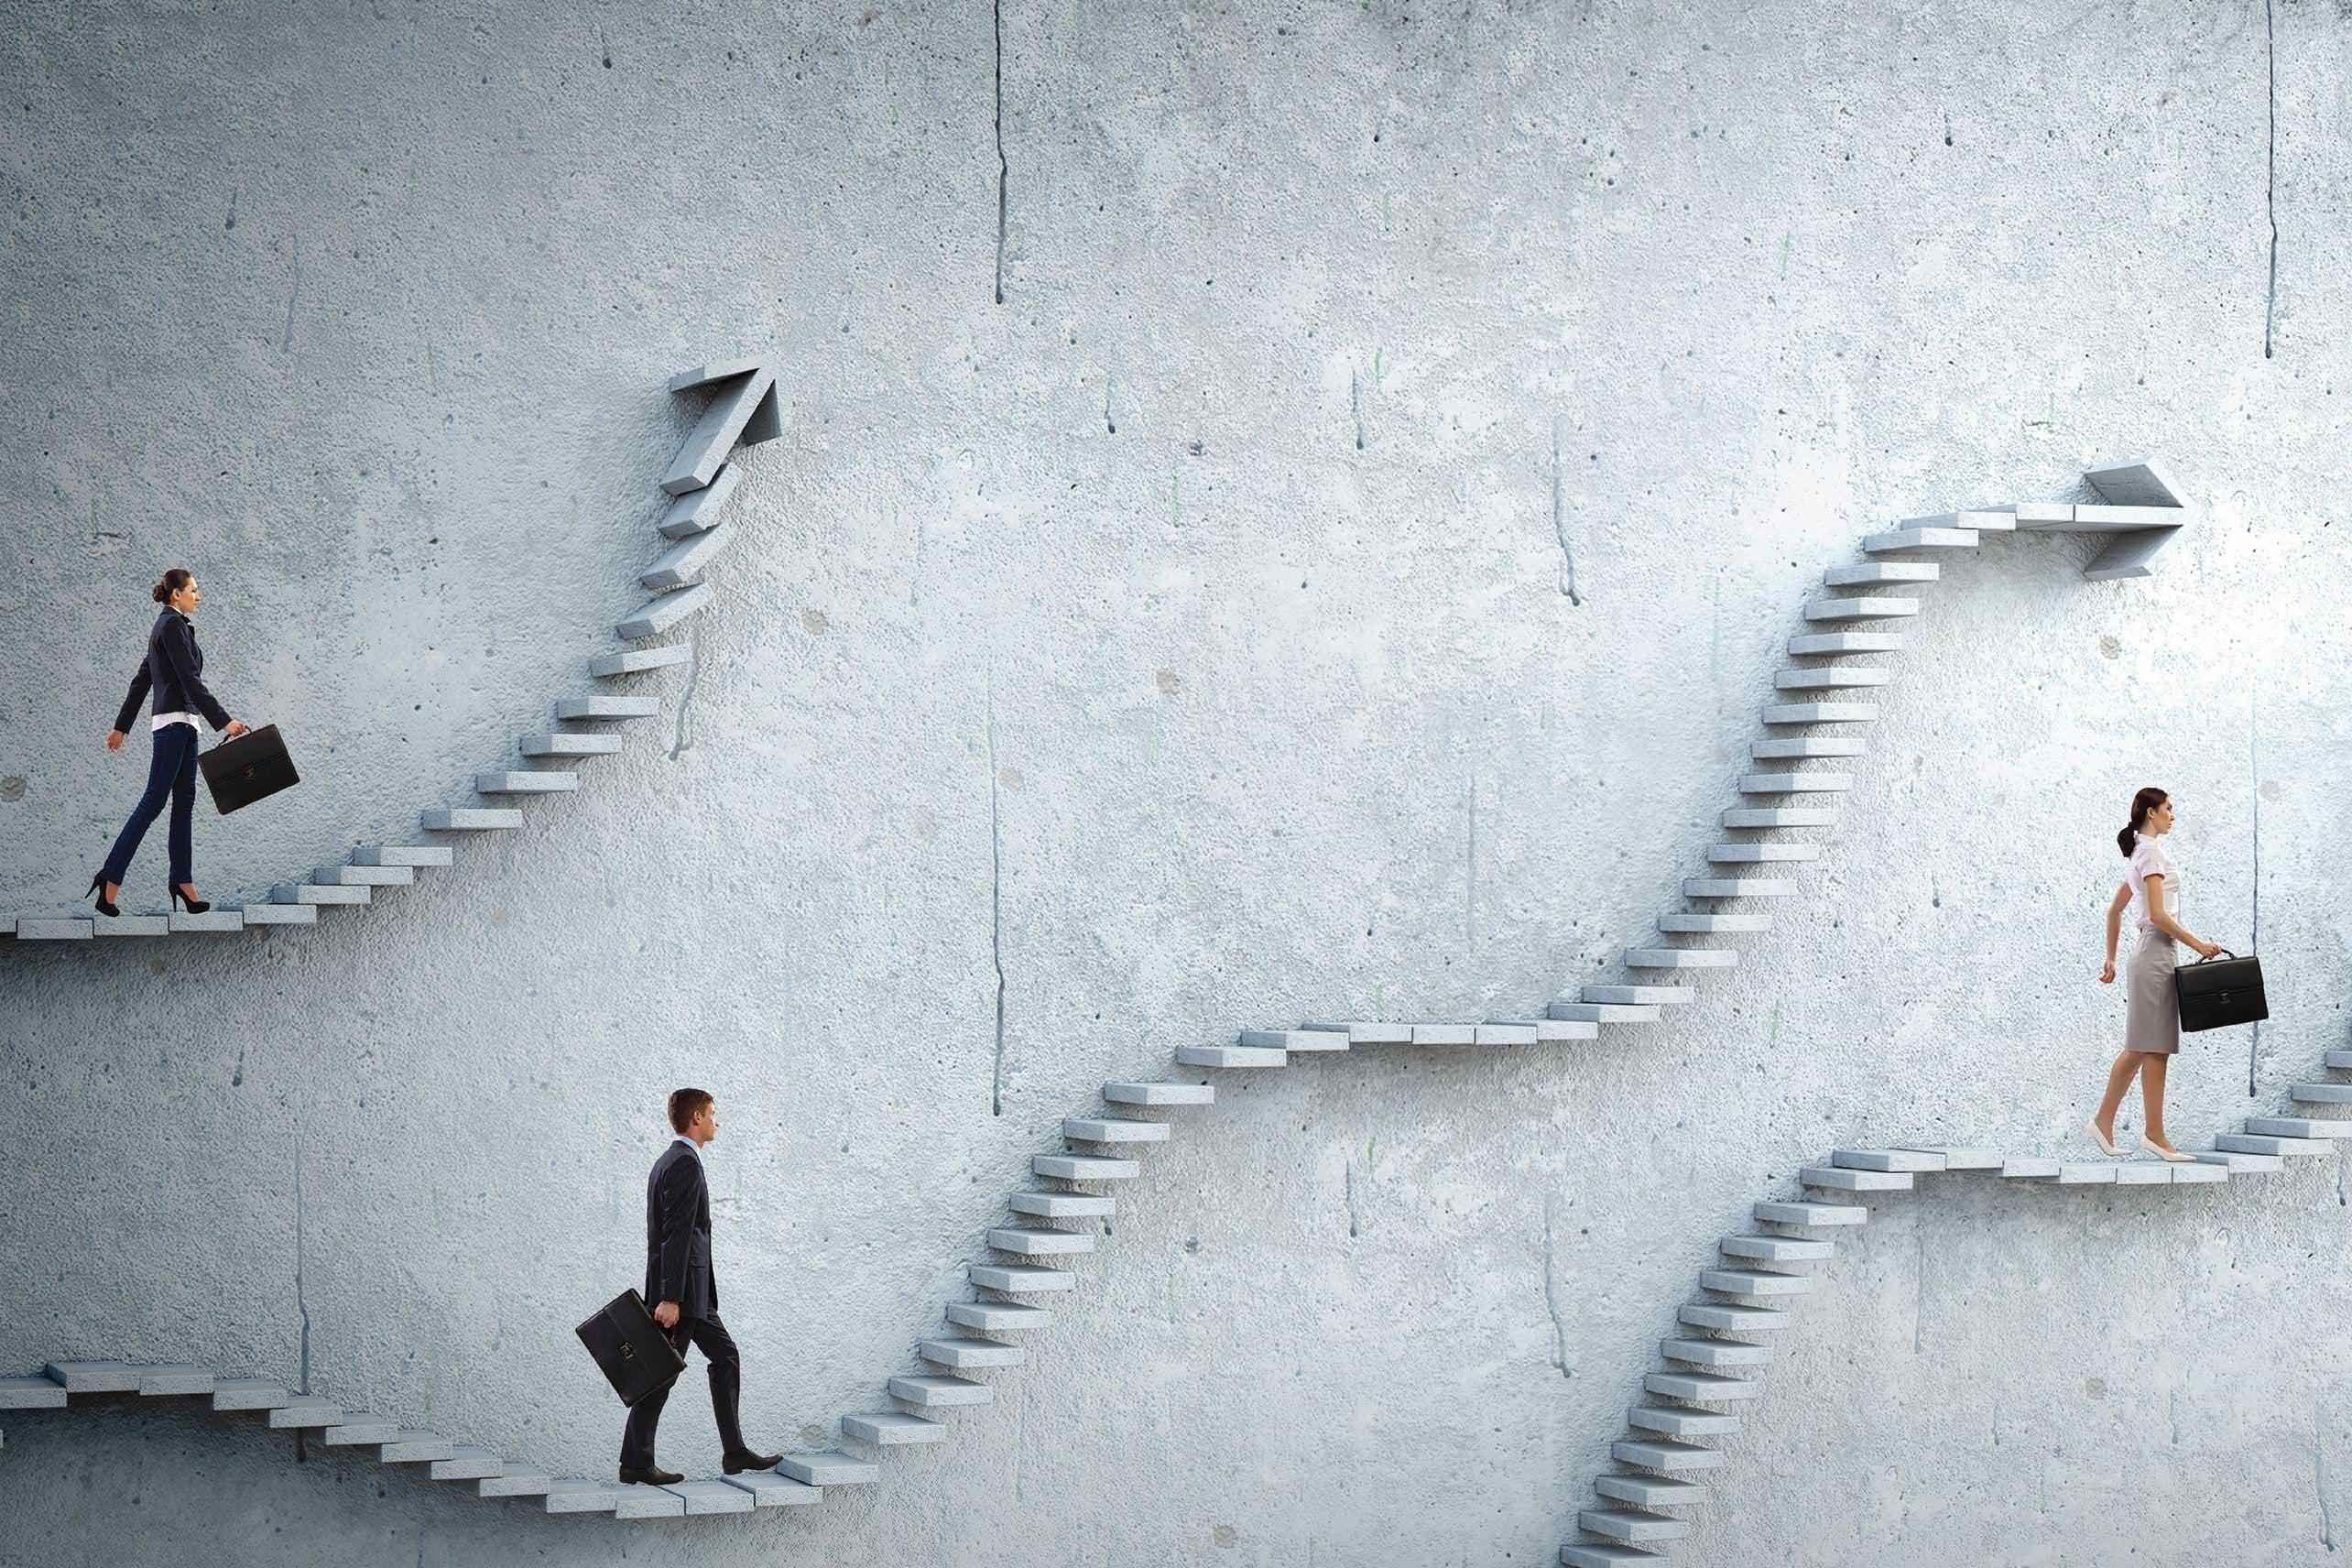 7 Tips To Get Long-Term Success